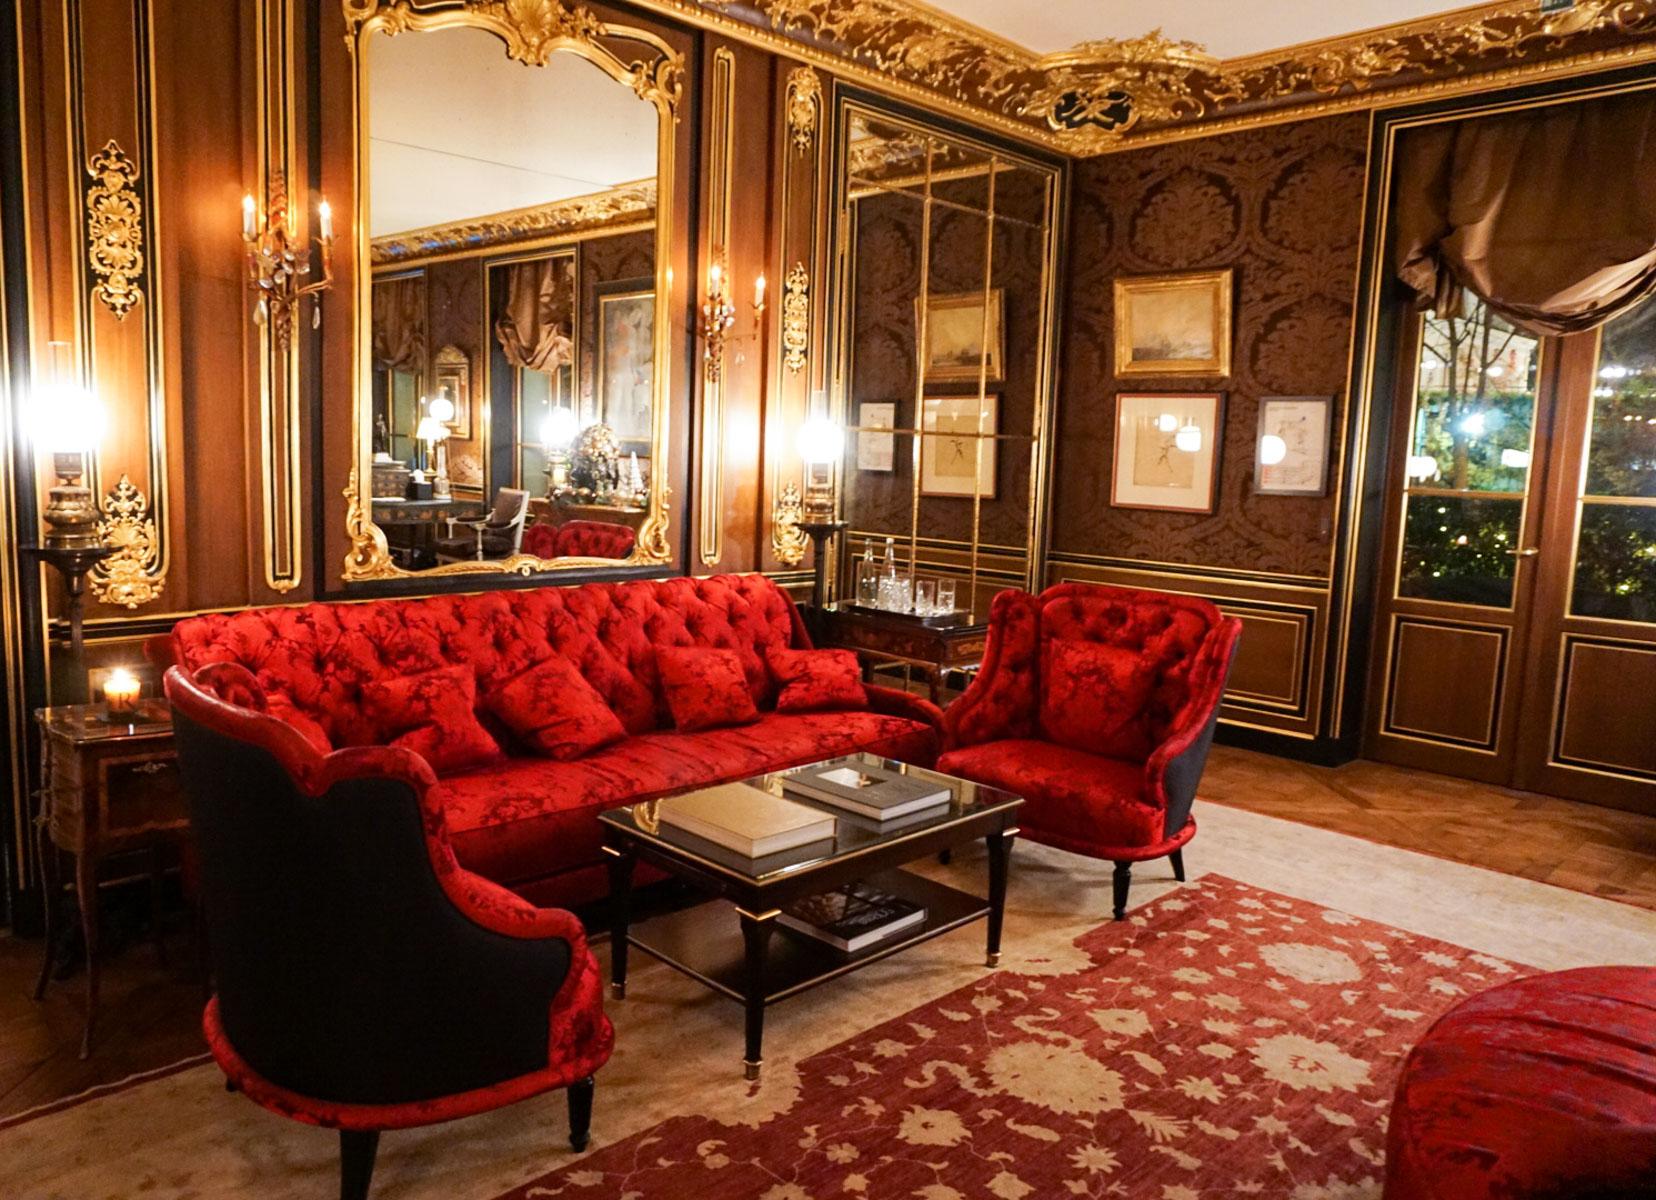 Le_Reserve_Hotel_Trip_to_Paris-3419.jpg